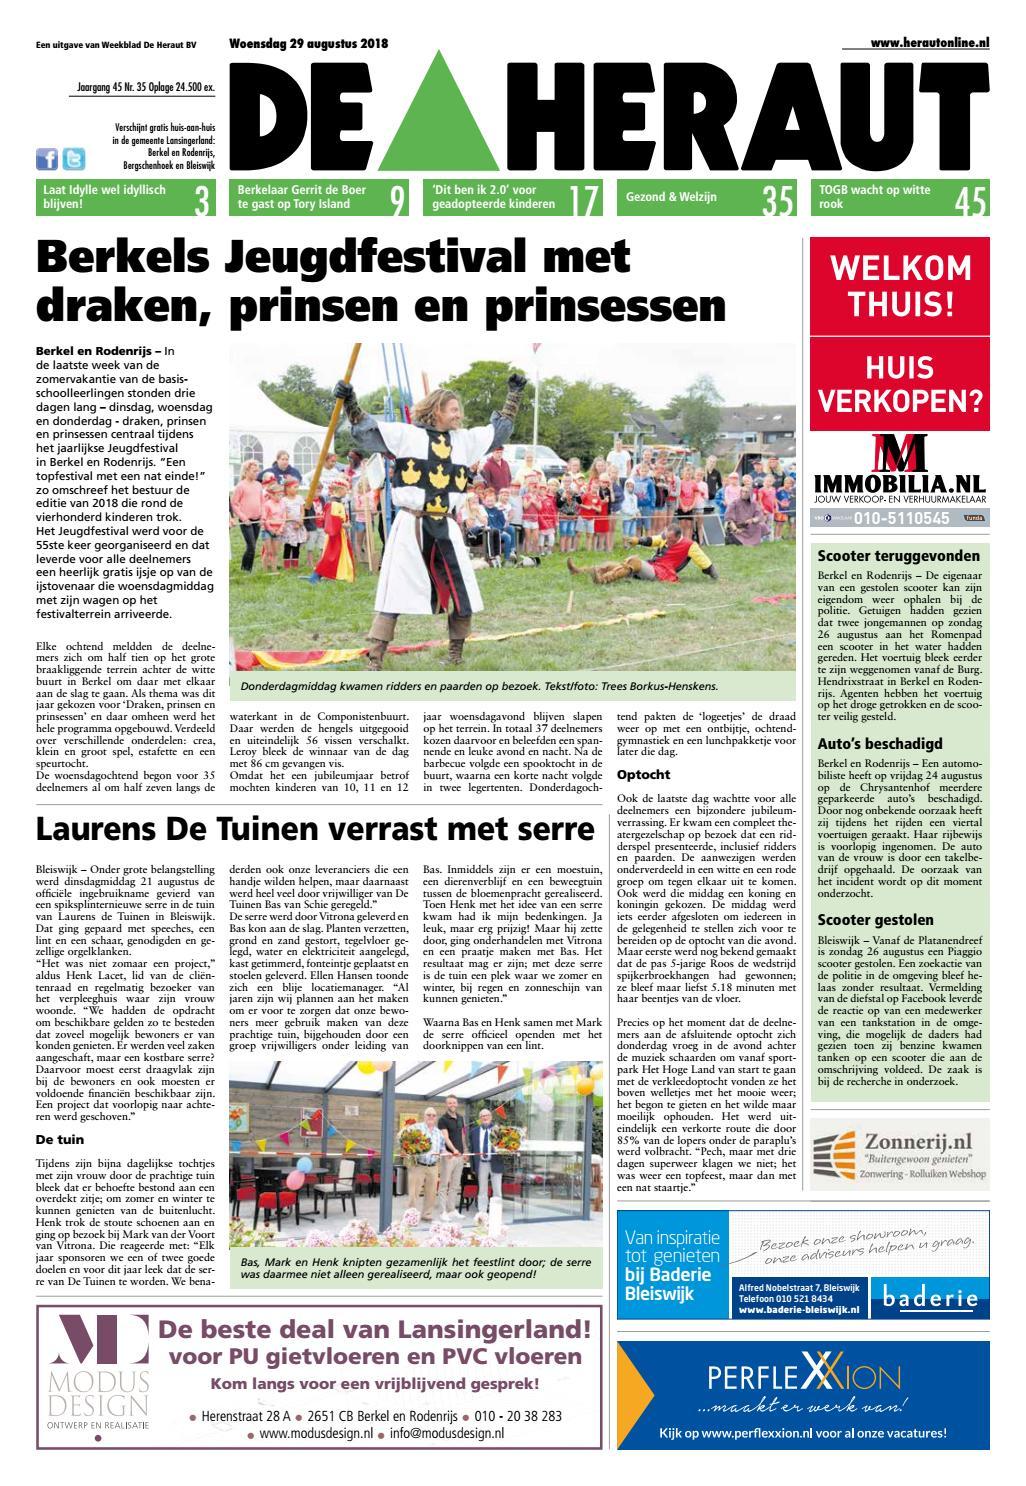 heraut_week_35_2018 by nieuwsblad de heraut issuuTeammanager Zorg En Welzijn.htm #14